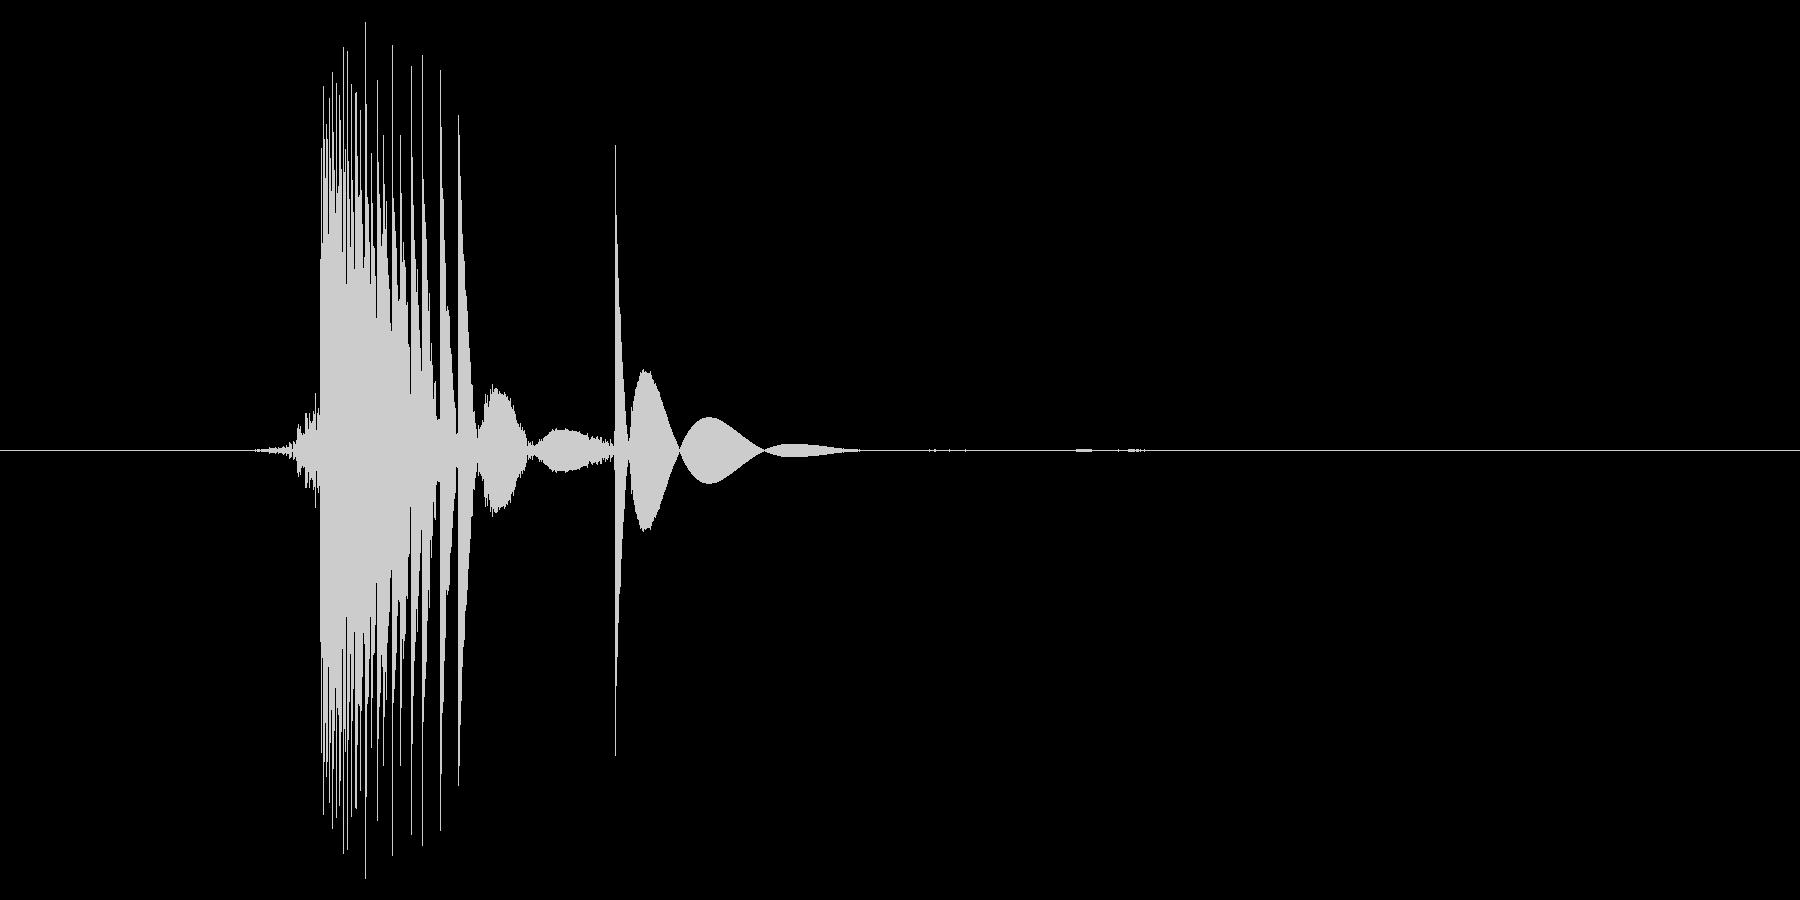 ゲーム(ファミコン風)ヒット音_029の未再生の波形